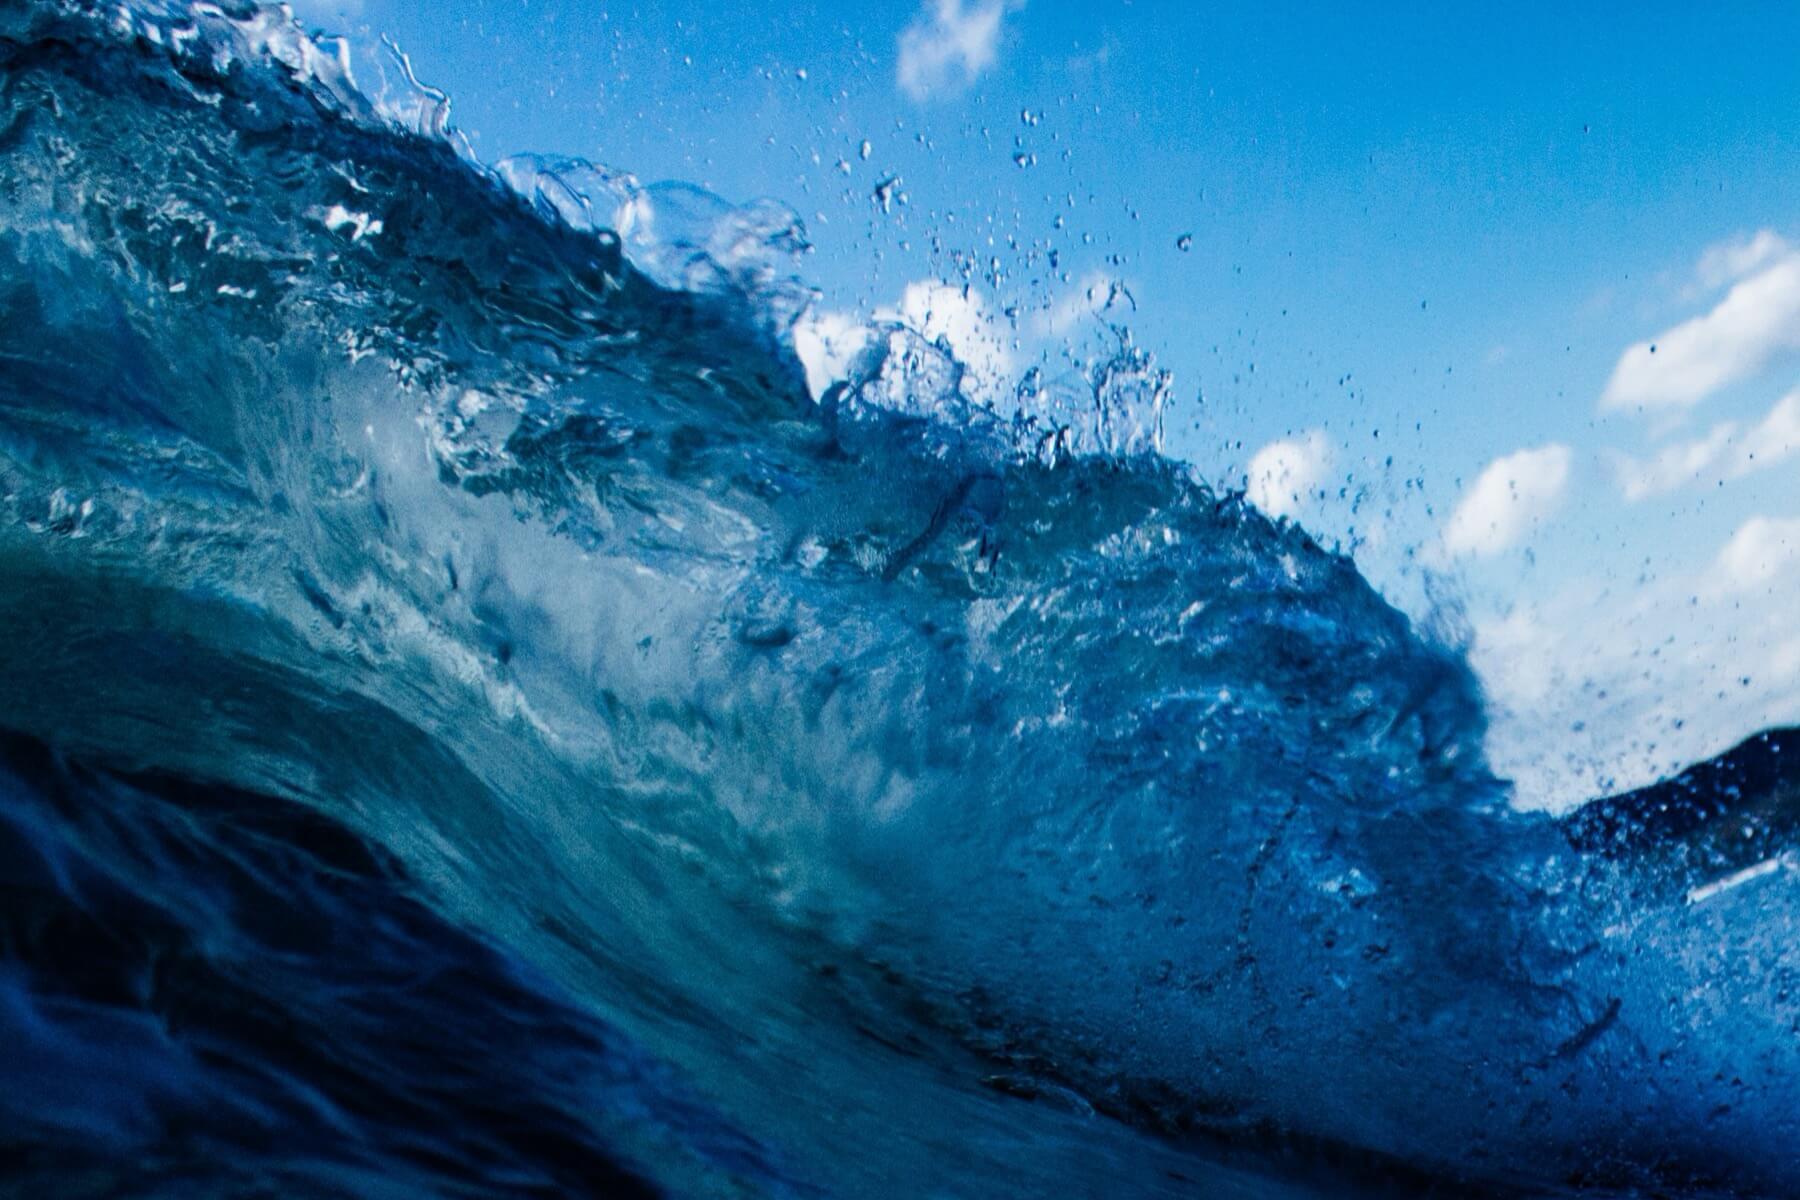 Wave in the ocean-2